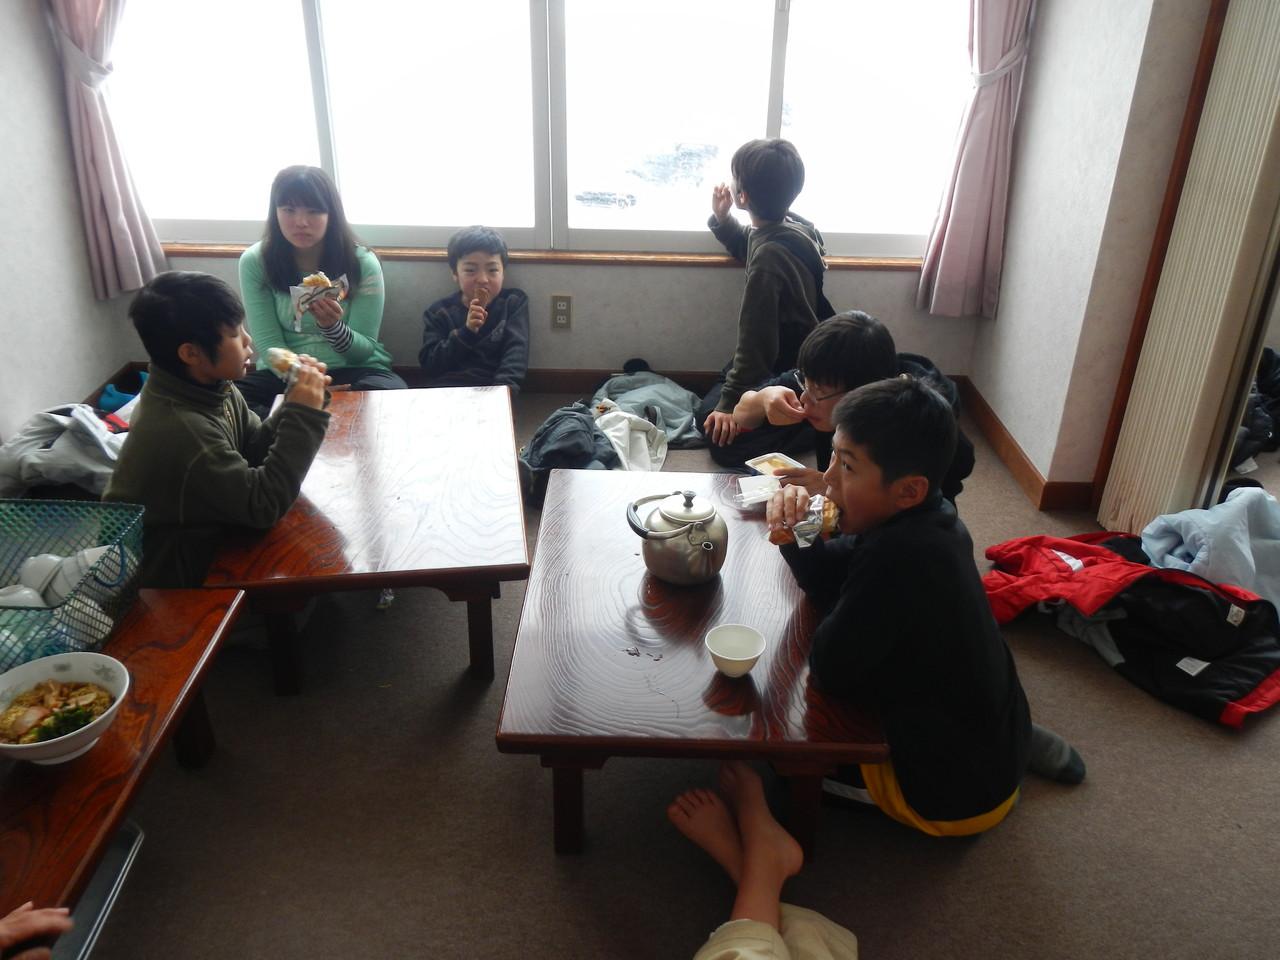 みんなジャンボチョコモナカを食べています